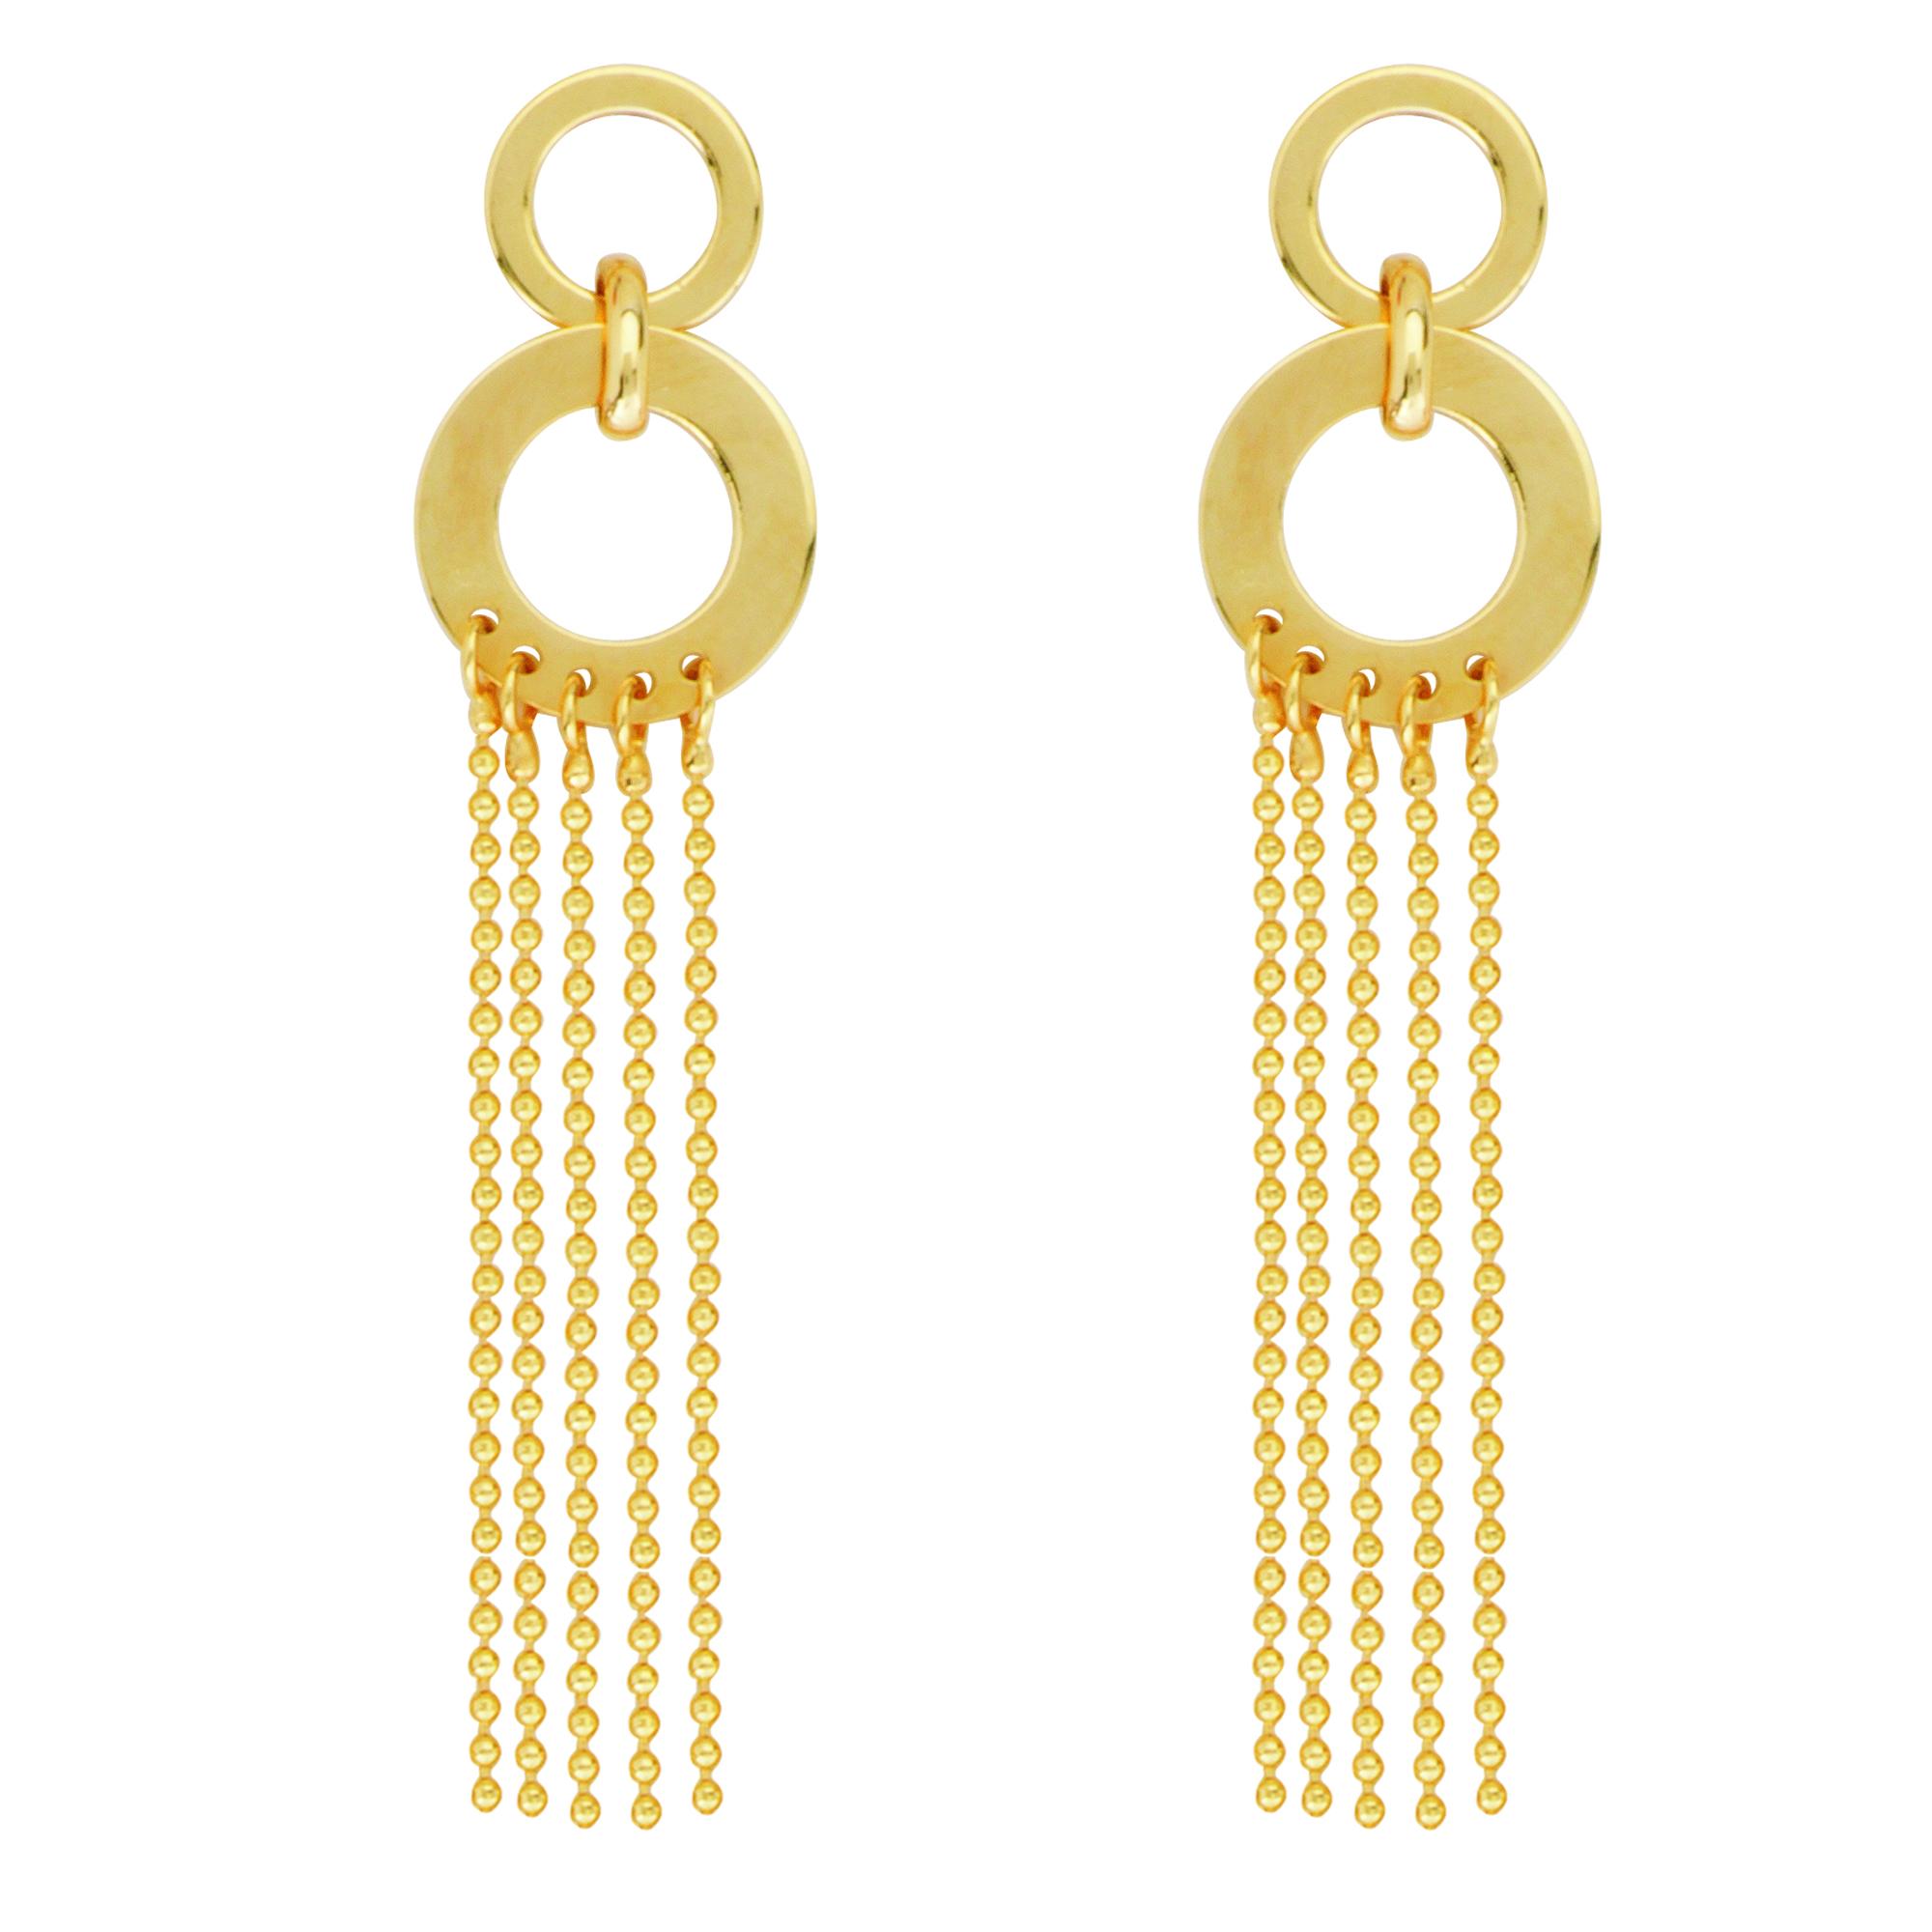 Drape Earrings, 14Kt Gold Earring